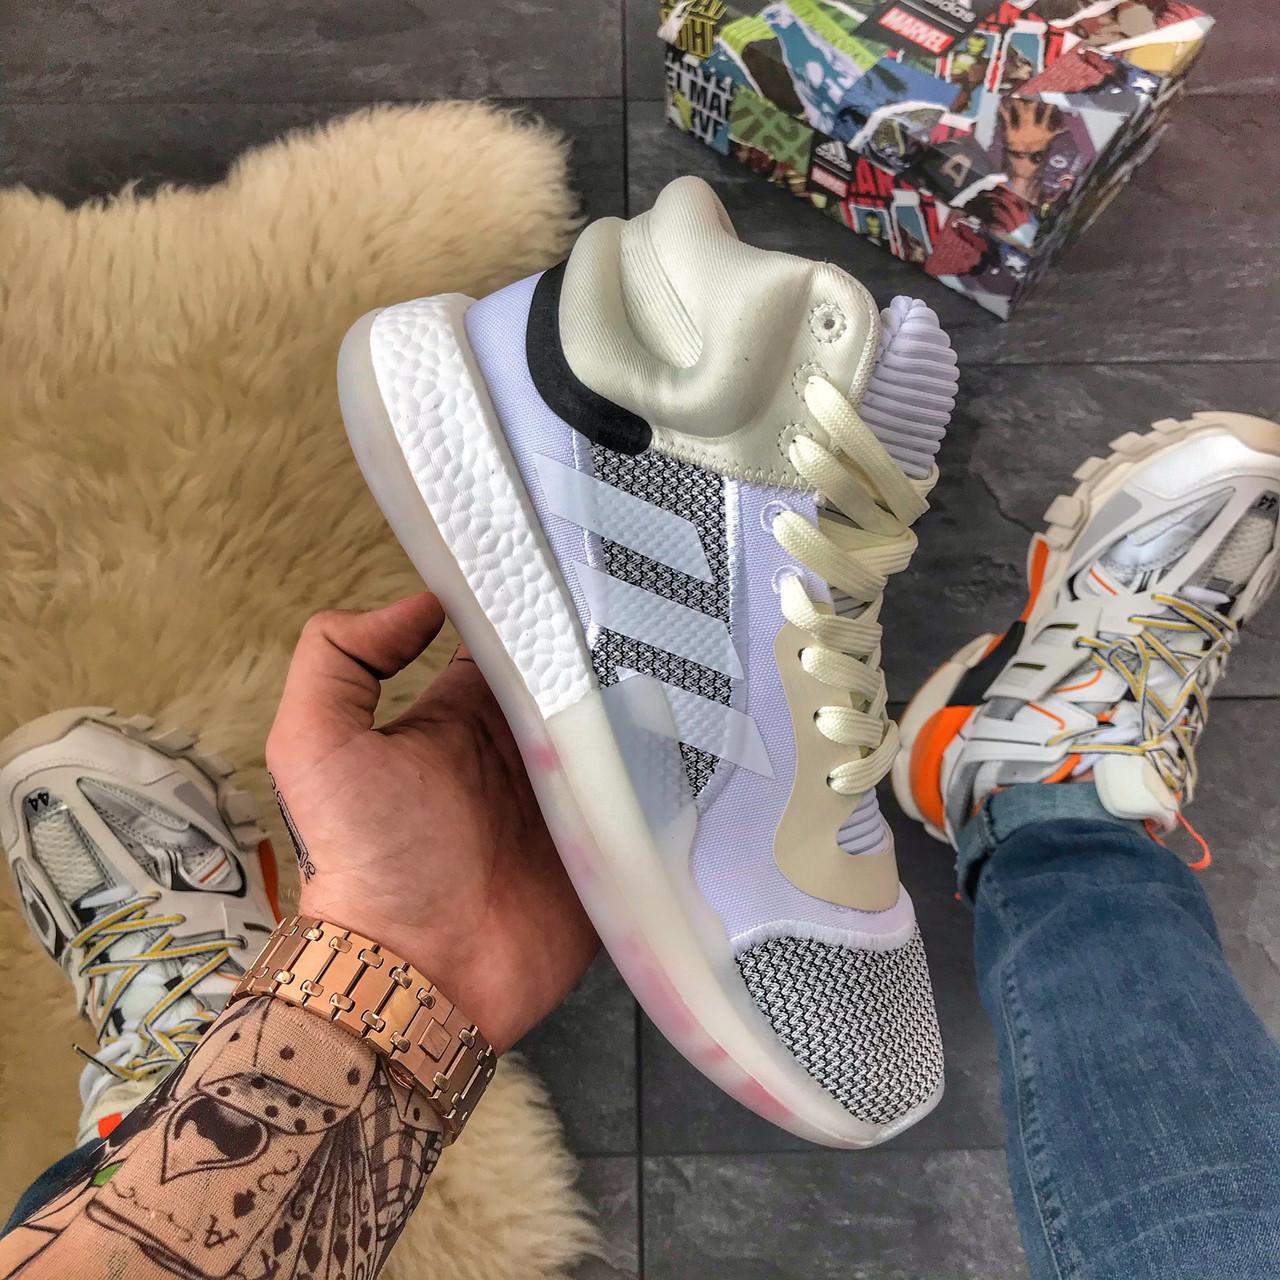 Мужские зимние кроссовки Adidas Marquee Boost Grey, мужские кроссовки адидас марки буст (41 размер в наличии)